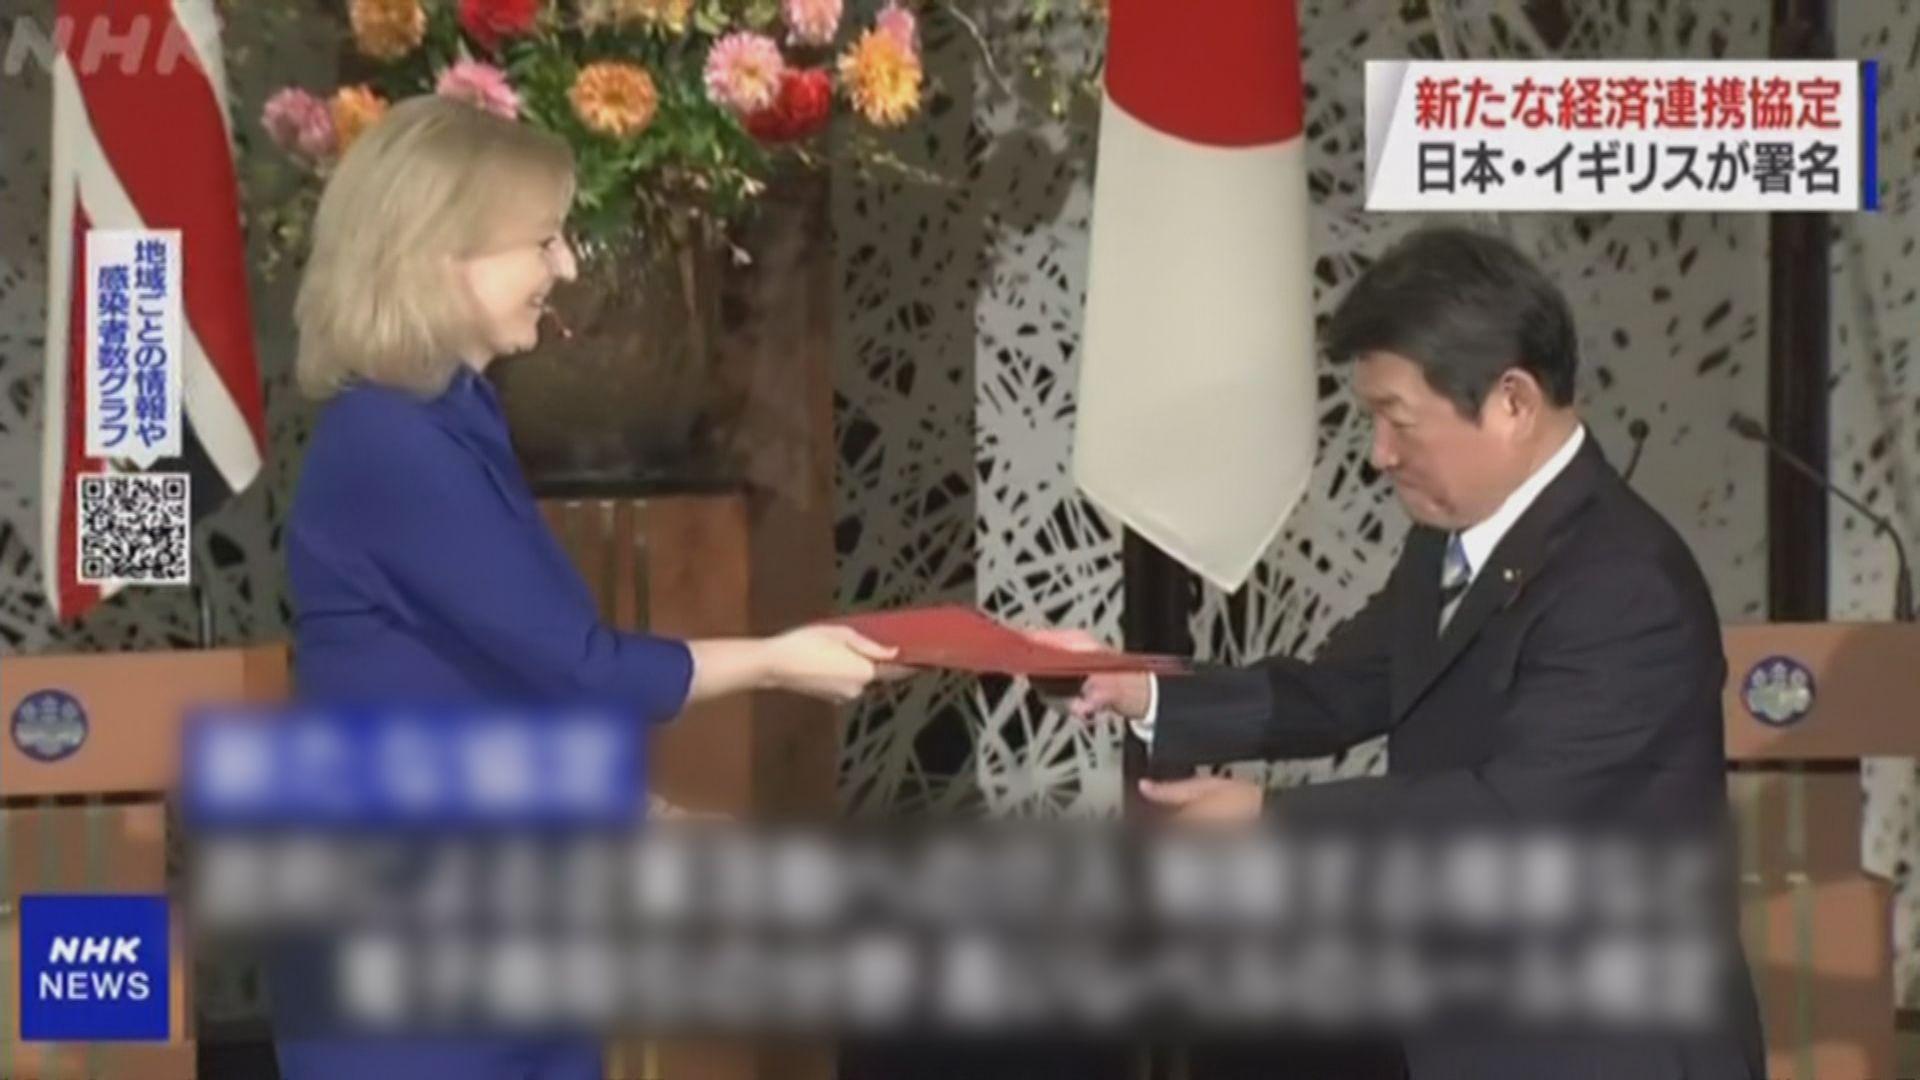 日本與英國簽署貿易協議